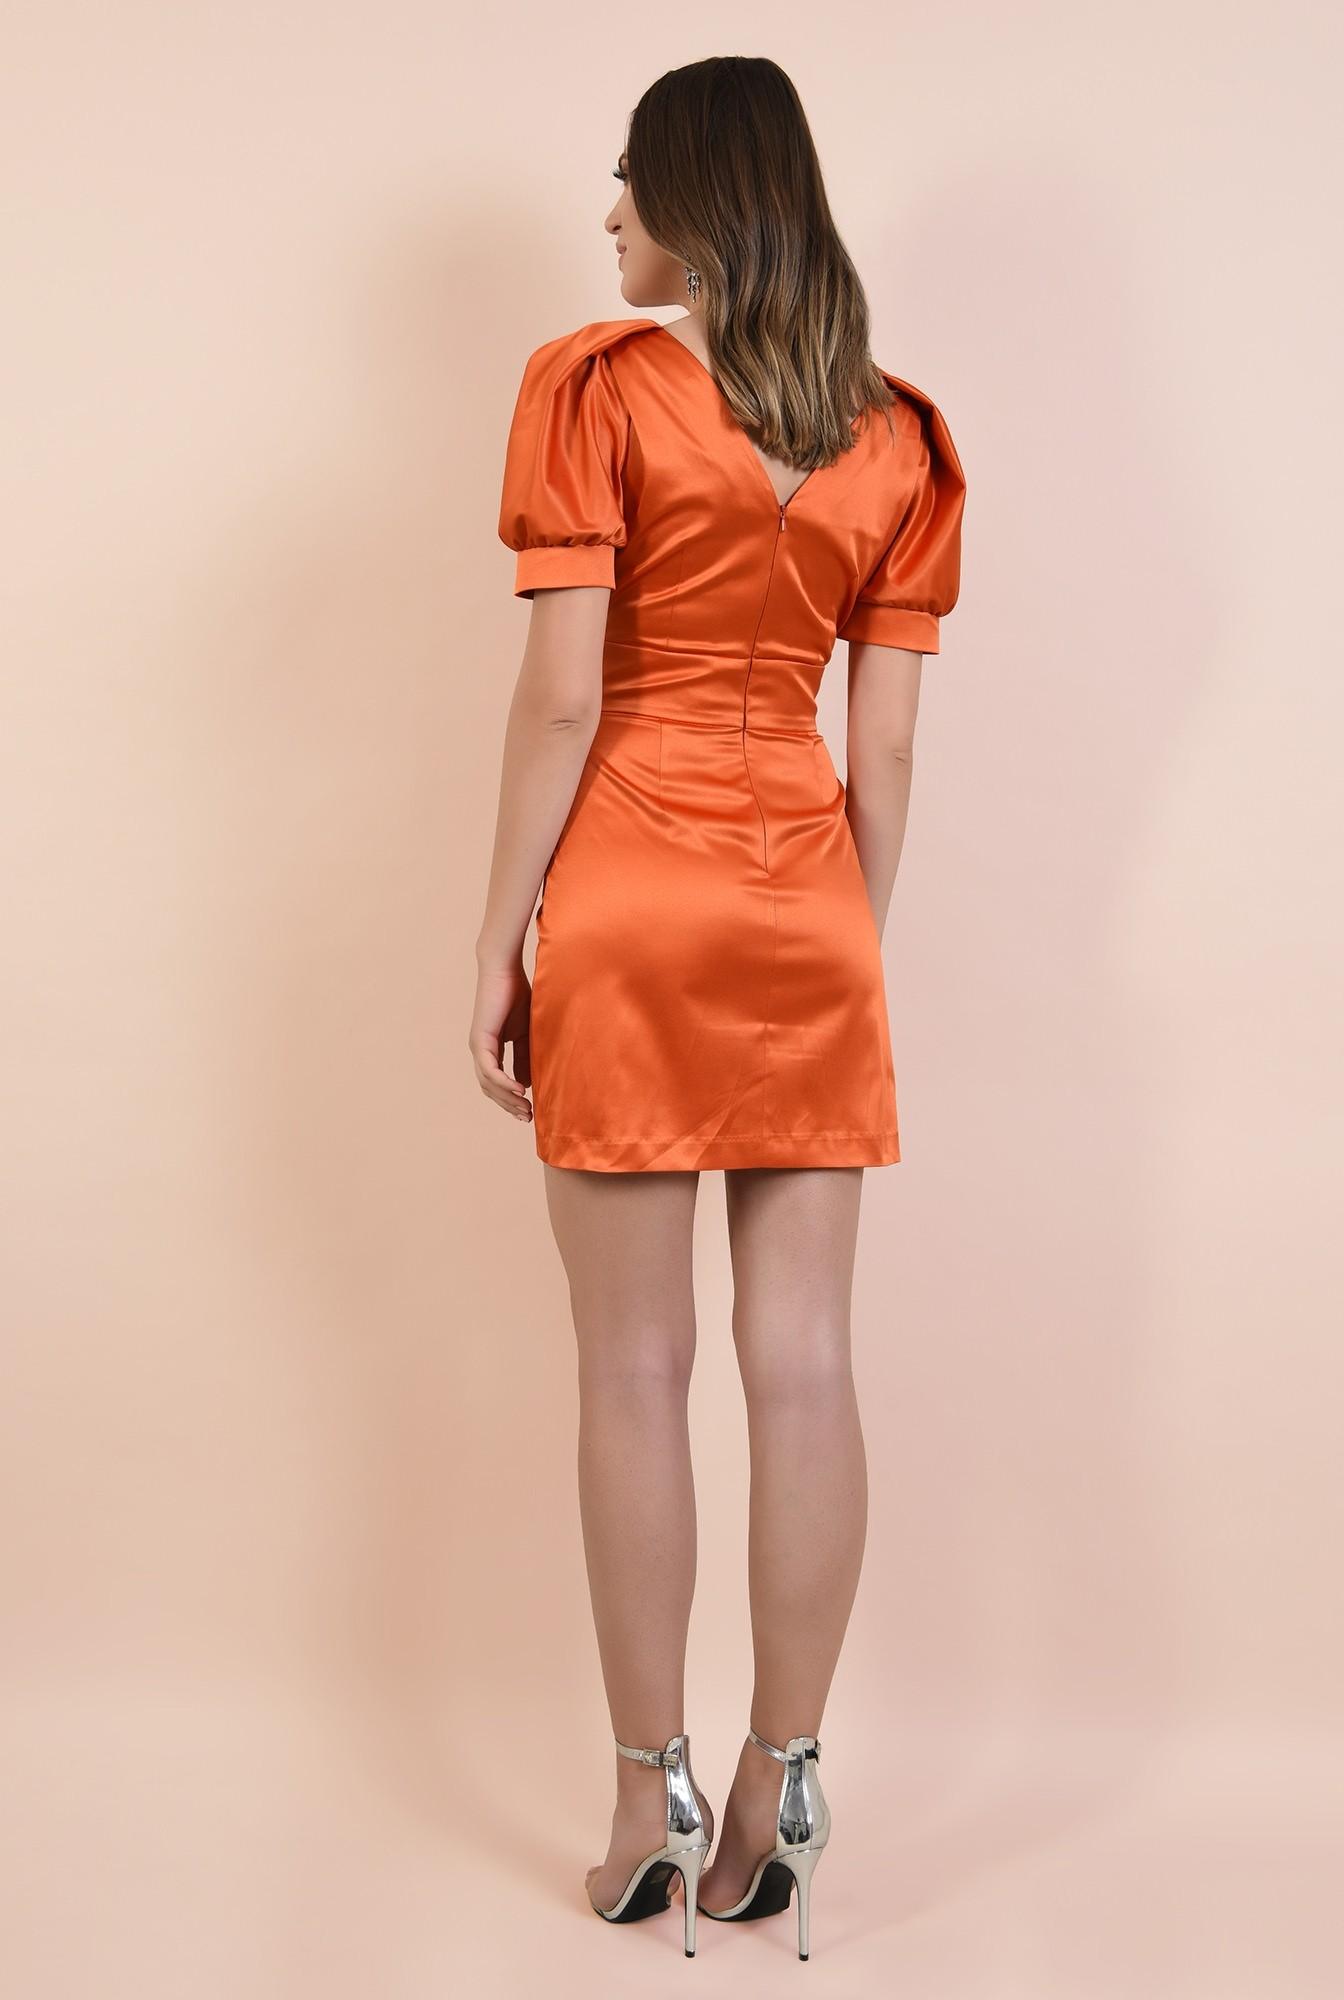 1 - rochie de seara, orange, tafta de bumbac, maneci fantezie, lungime mini